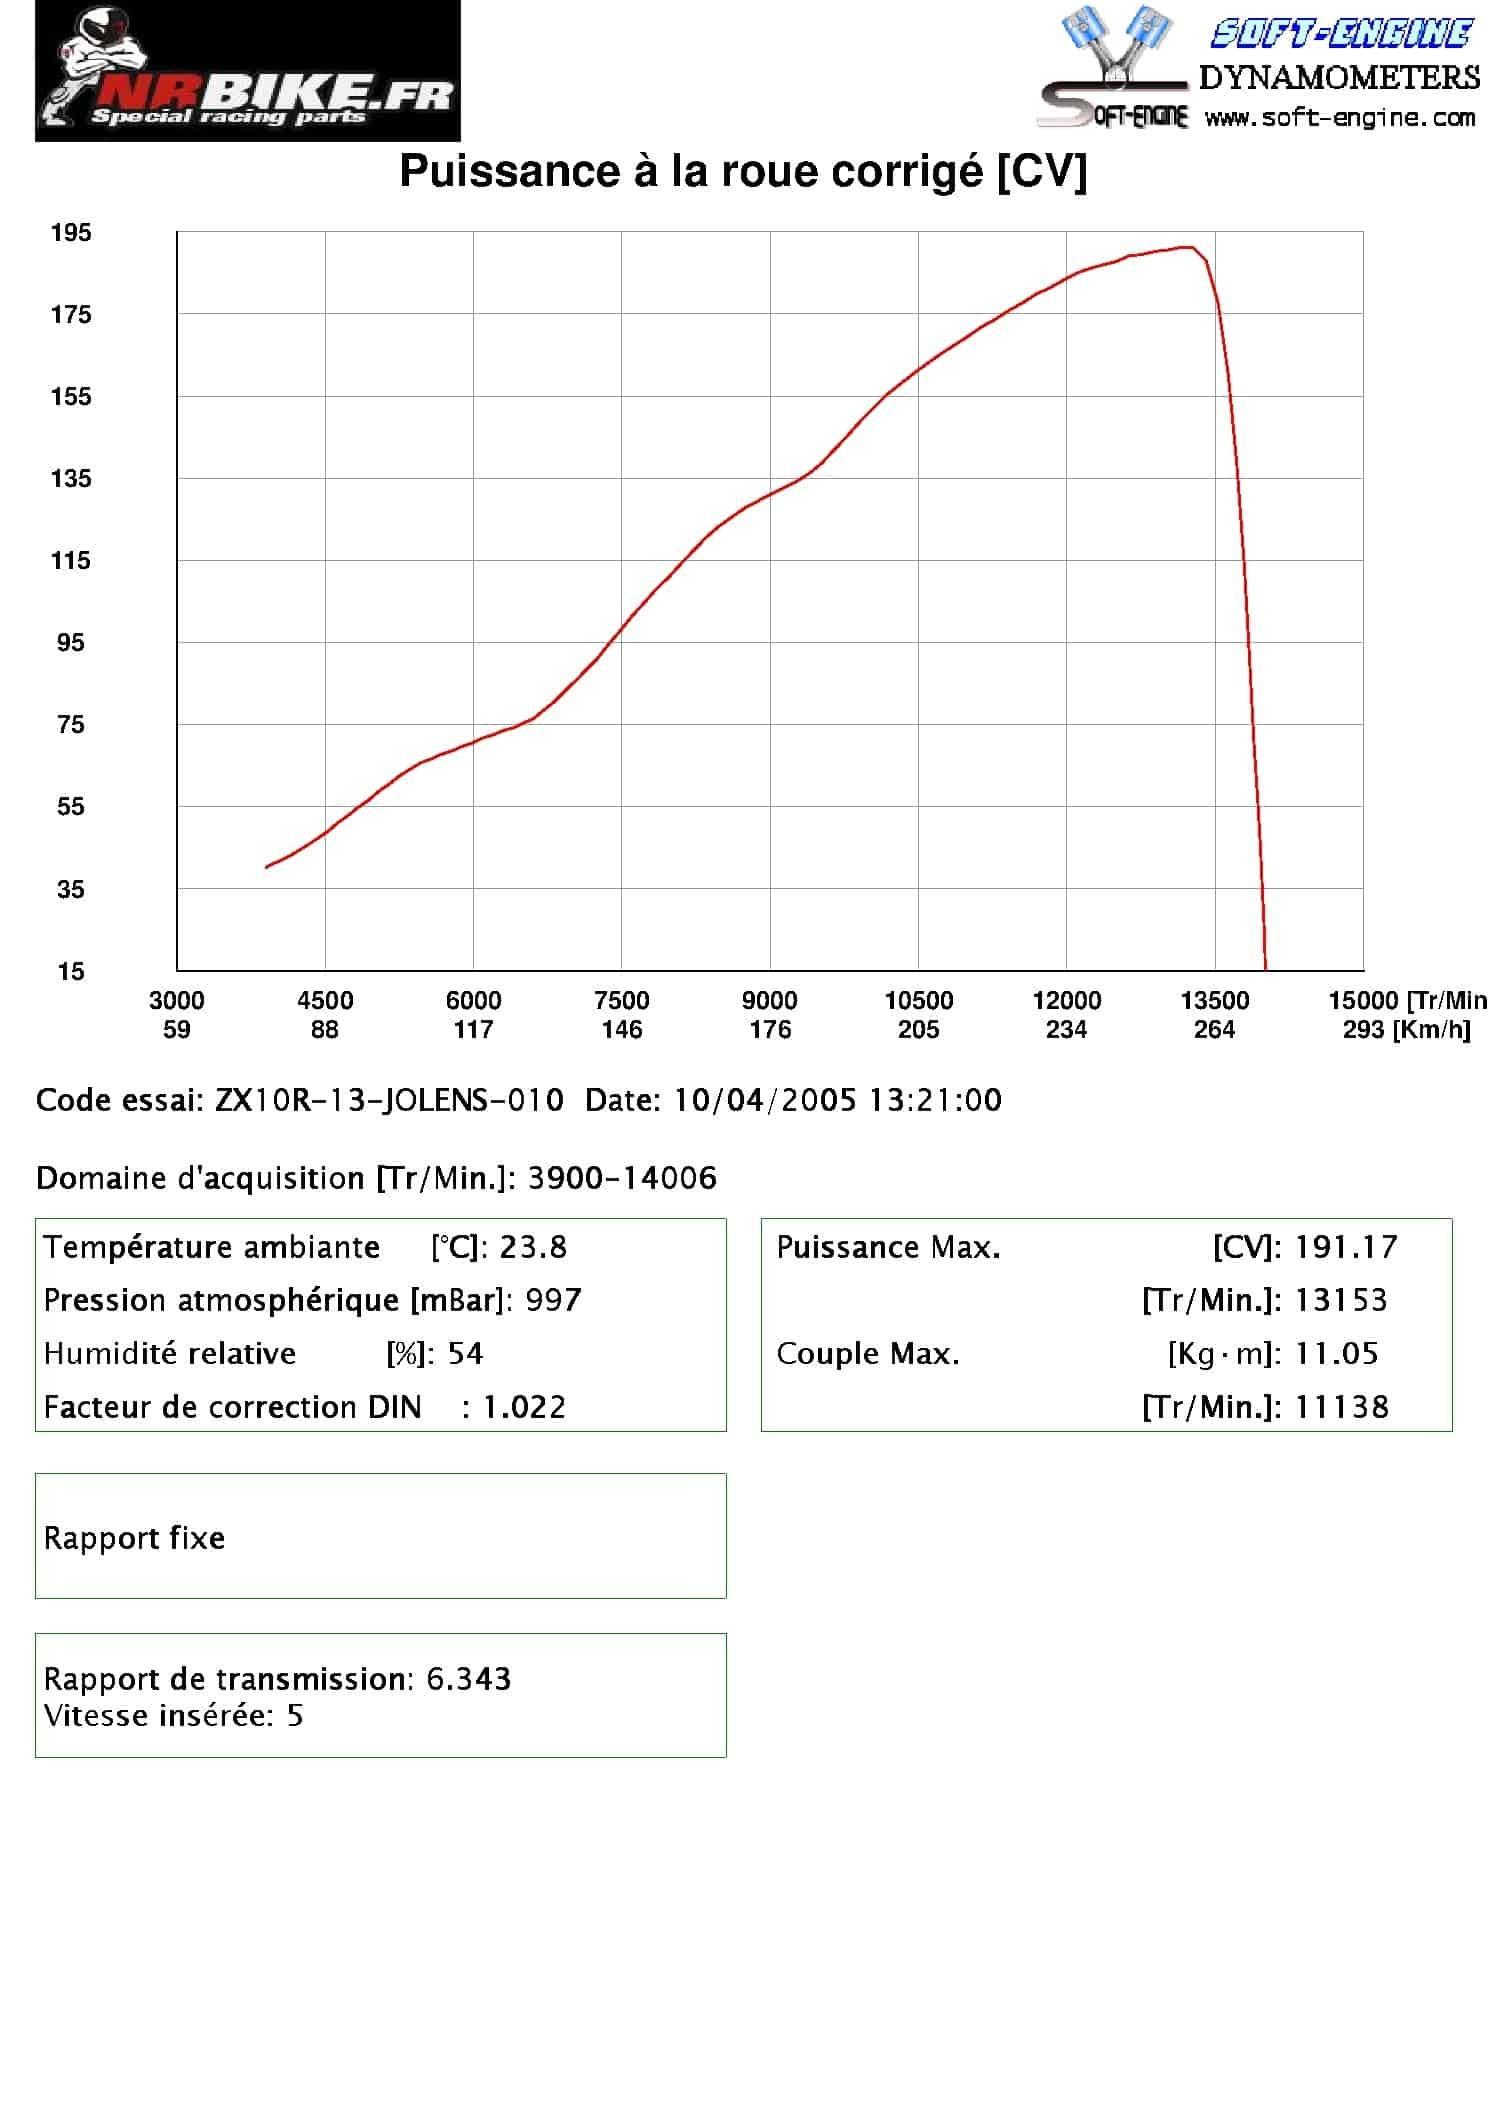 Reprogrammation ZX10R 2013 / 191CV A LA ROUE AR